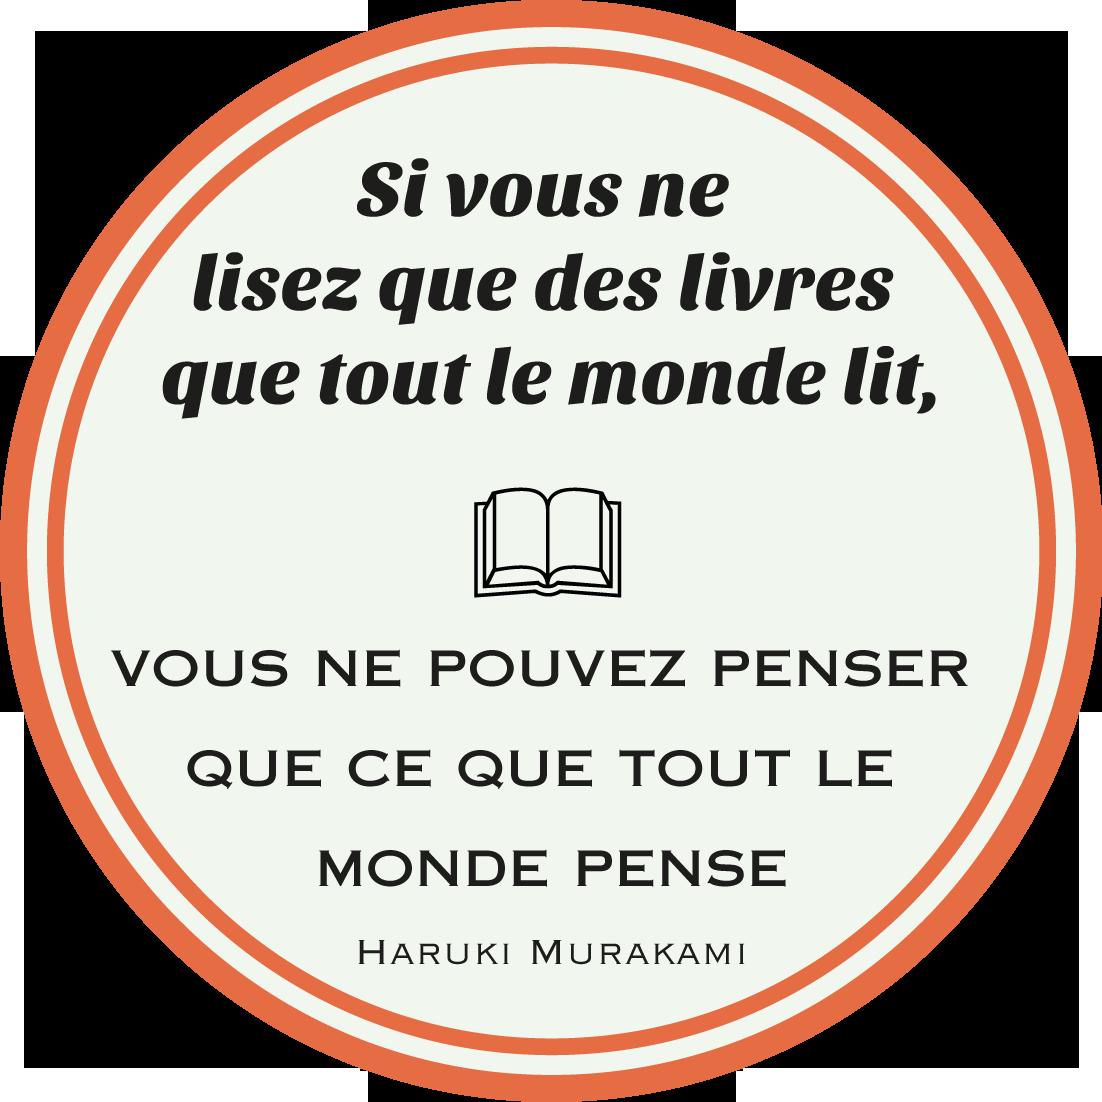 Elea diffusionSi vous ne lisez que des livres que tout le monde lit, vous ne pouvez penser que ce que tout le monde pense. Haruki Murakami